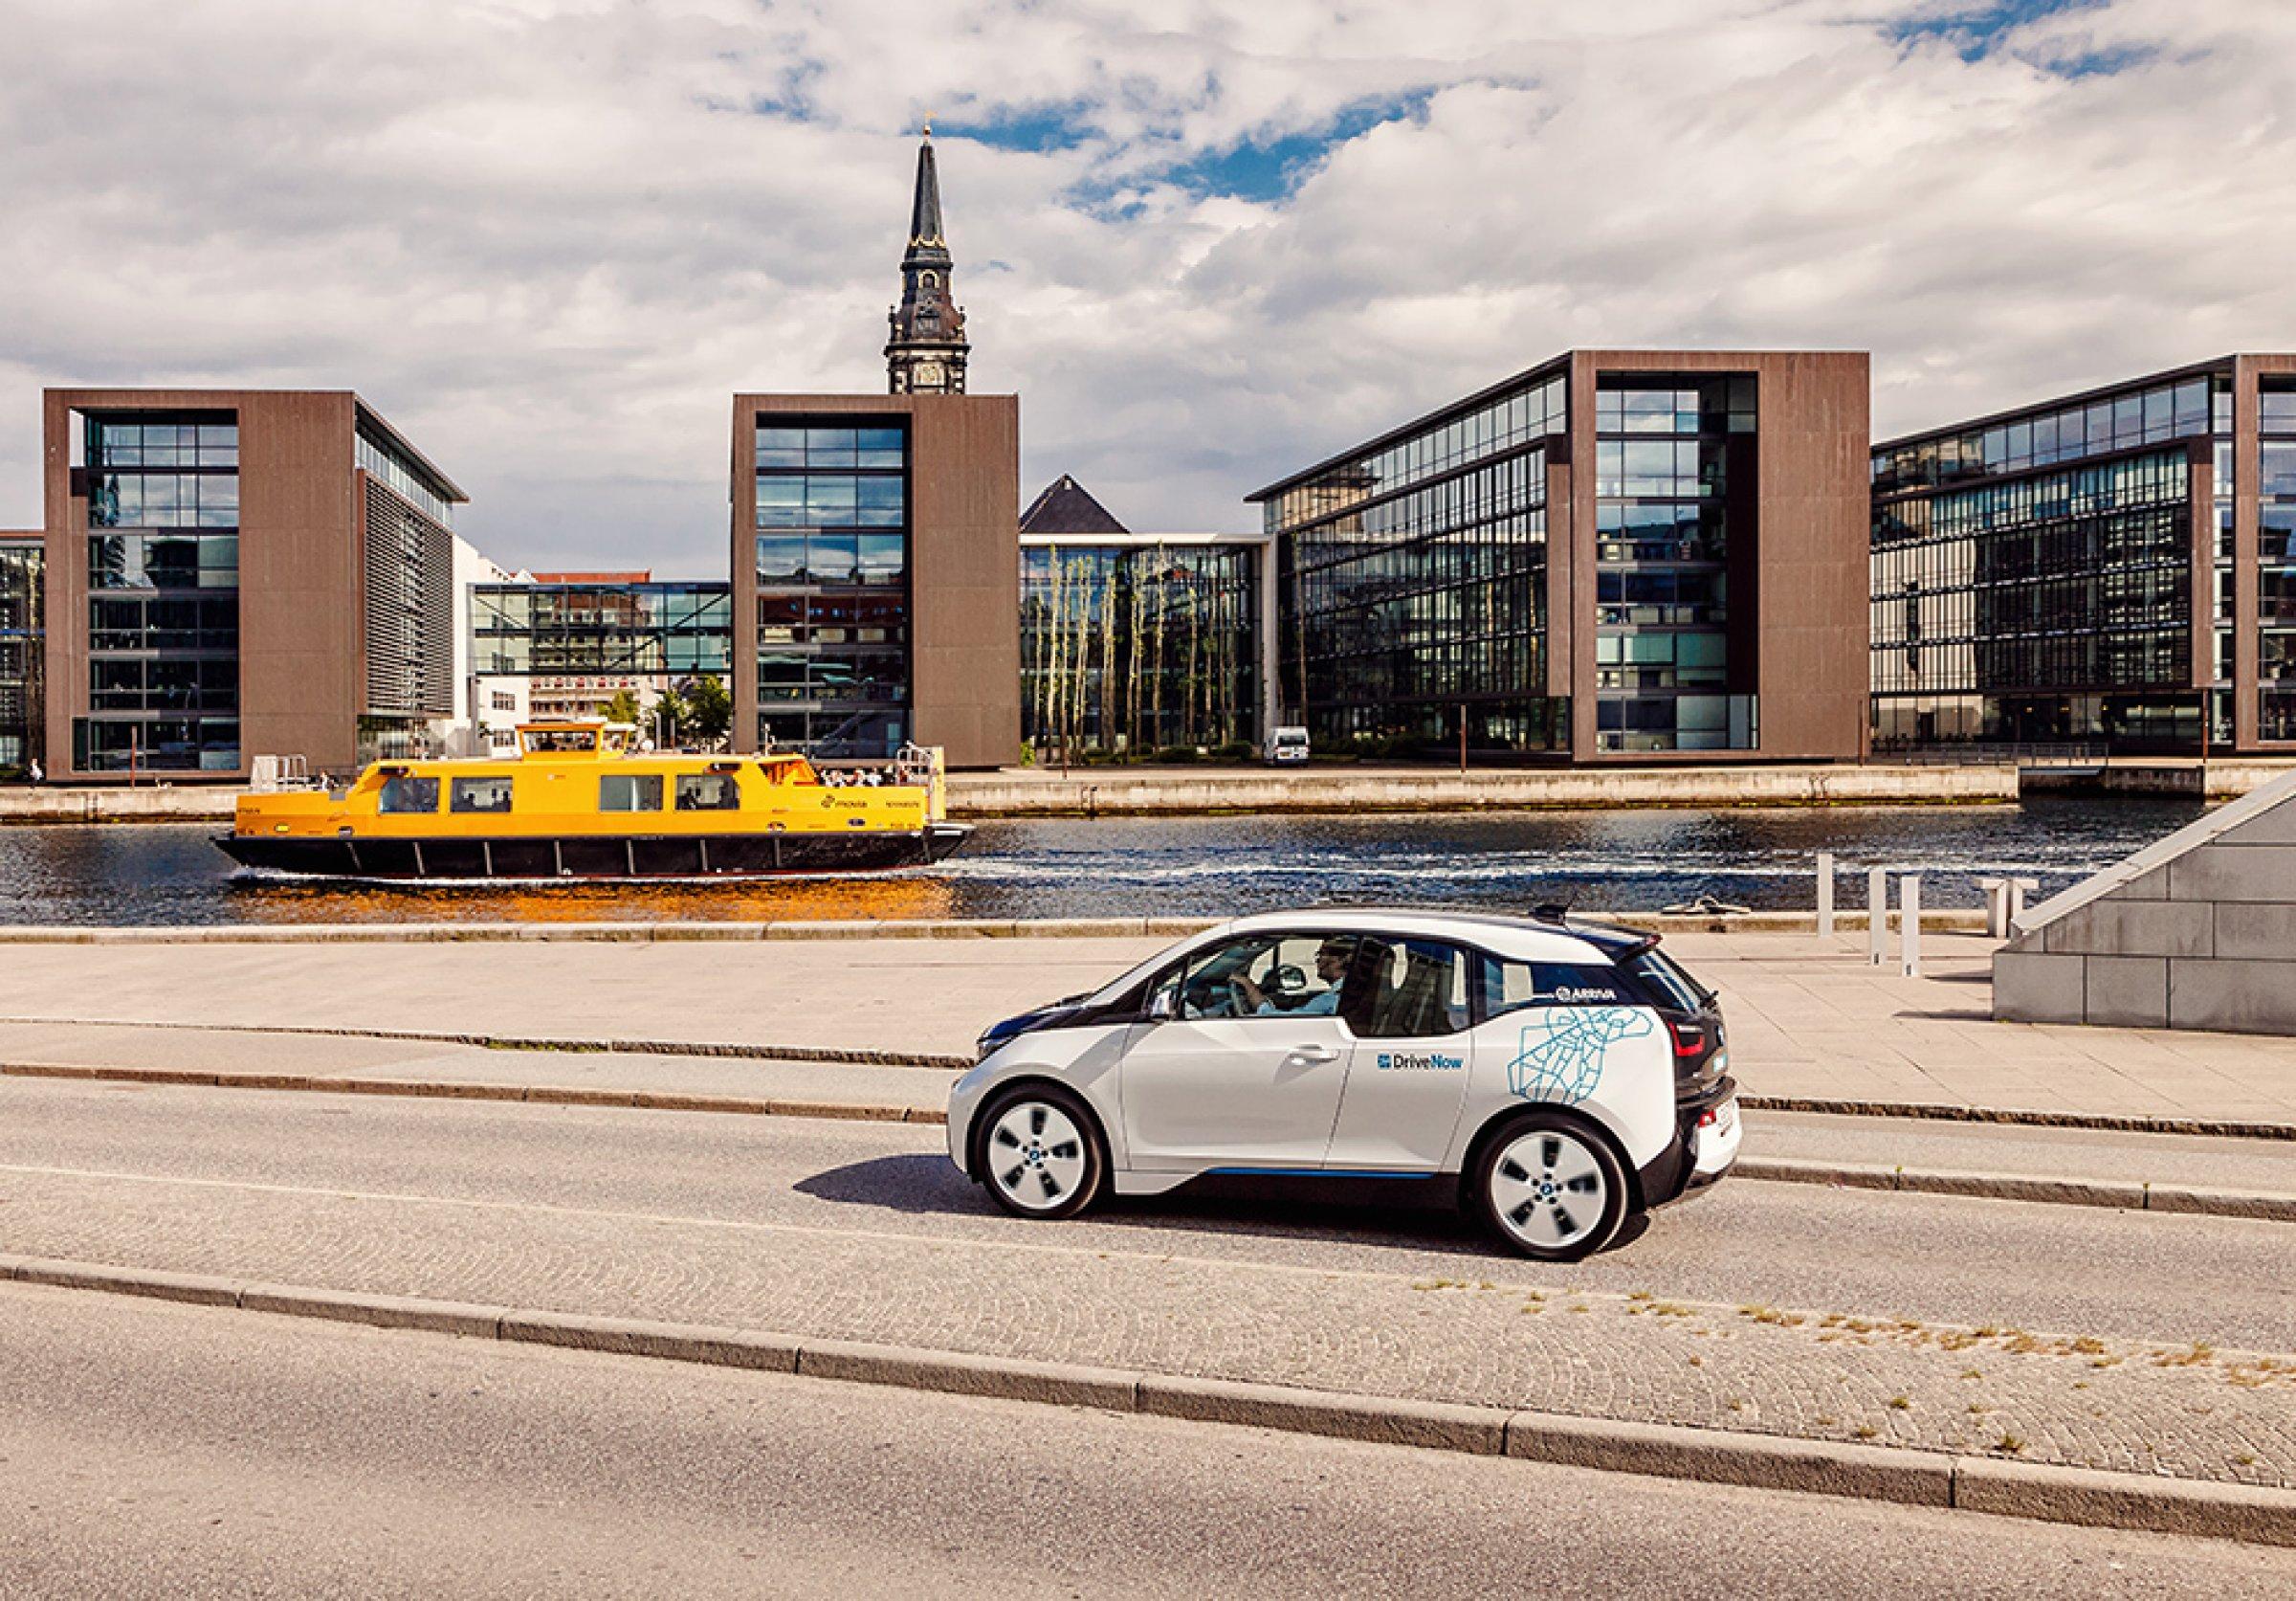 400 Elbybiler På Vej Til København Csrdk